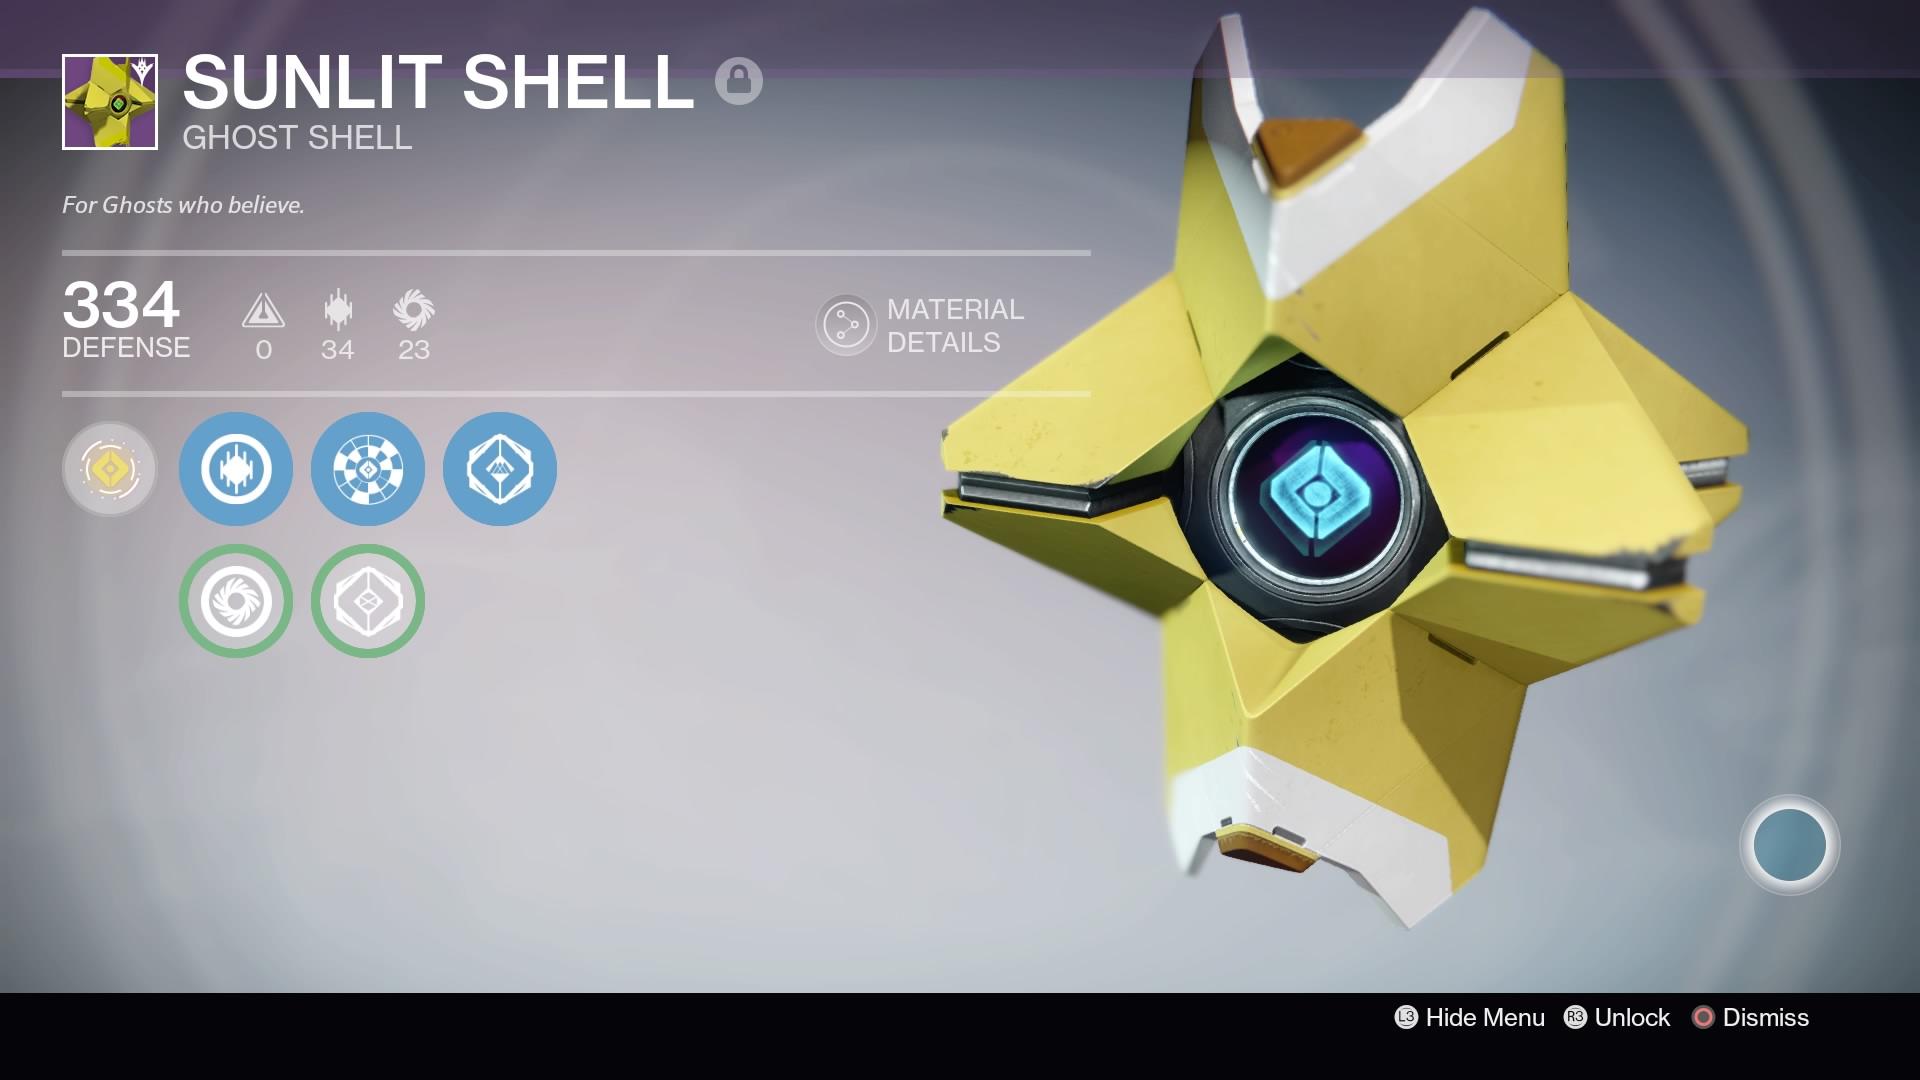 Sunlit Shell